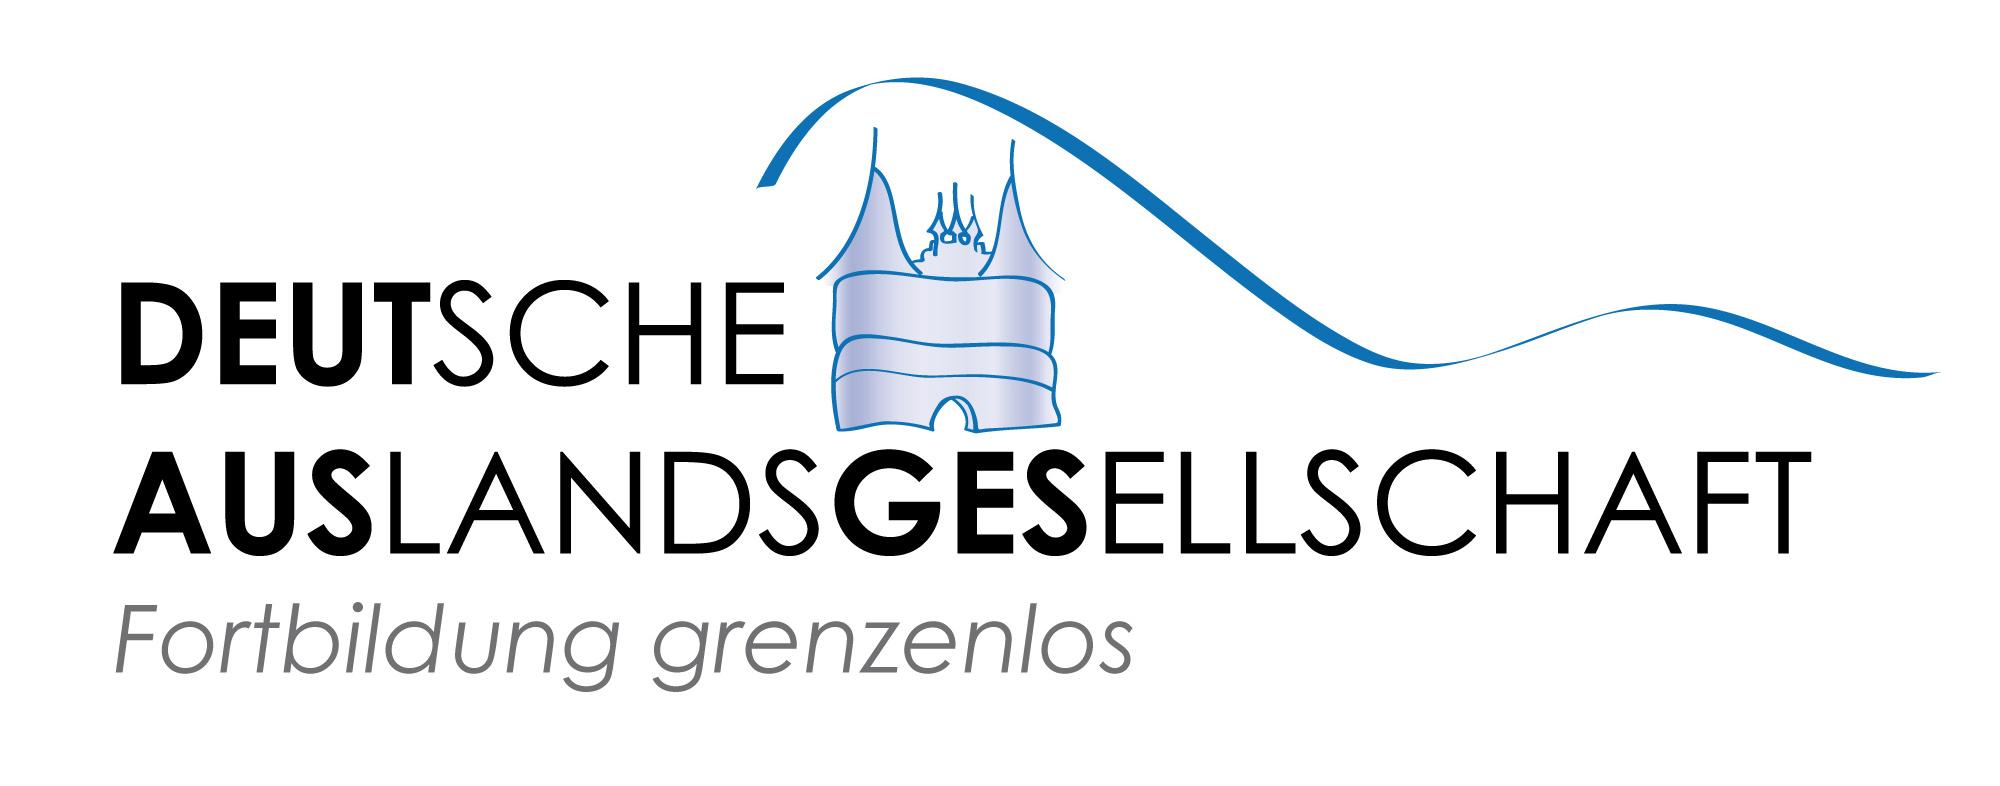 Logo_DAG_Deutsche_Auslandsgesellschaft